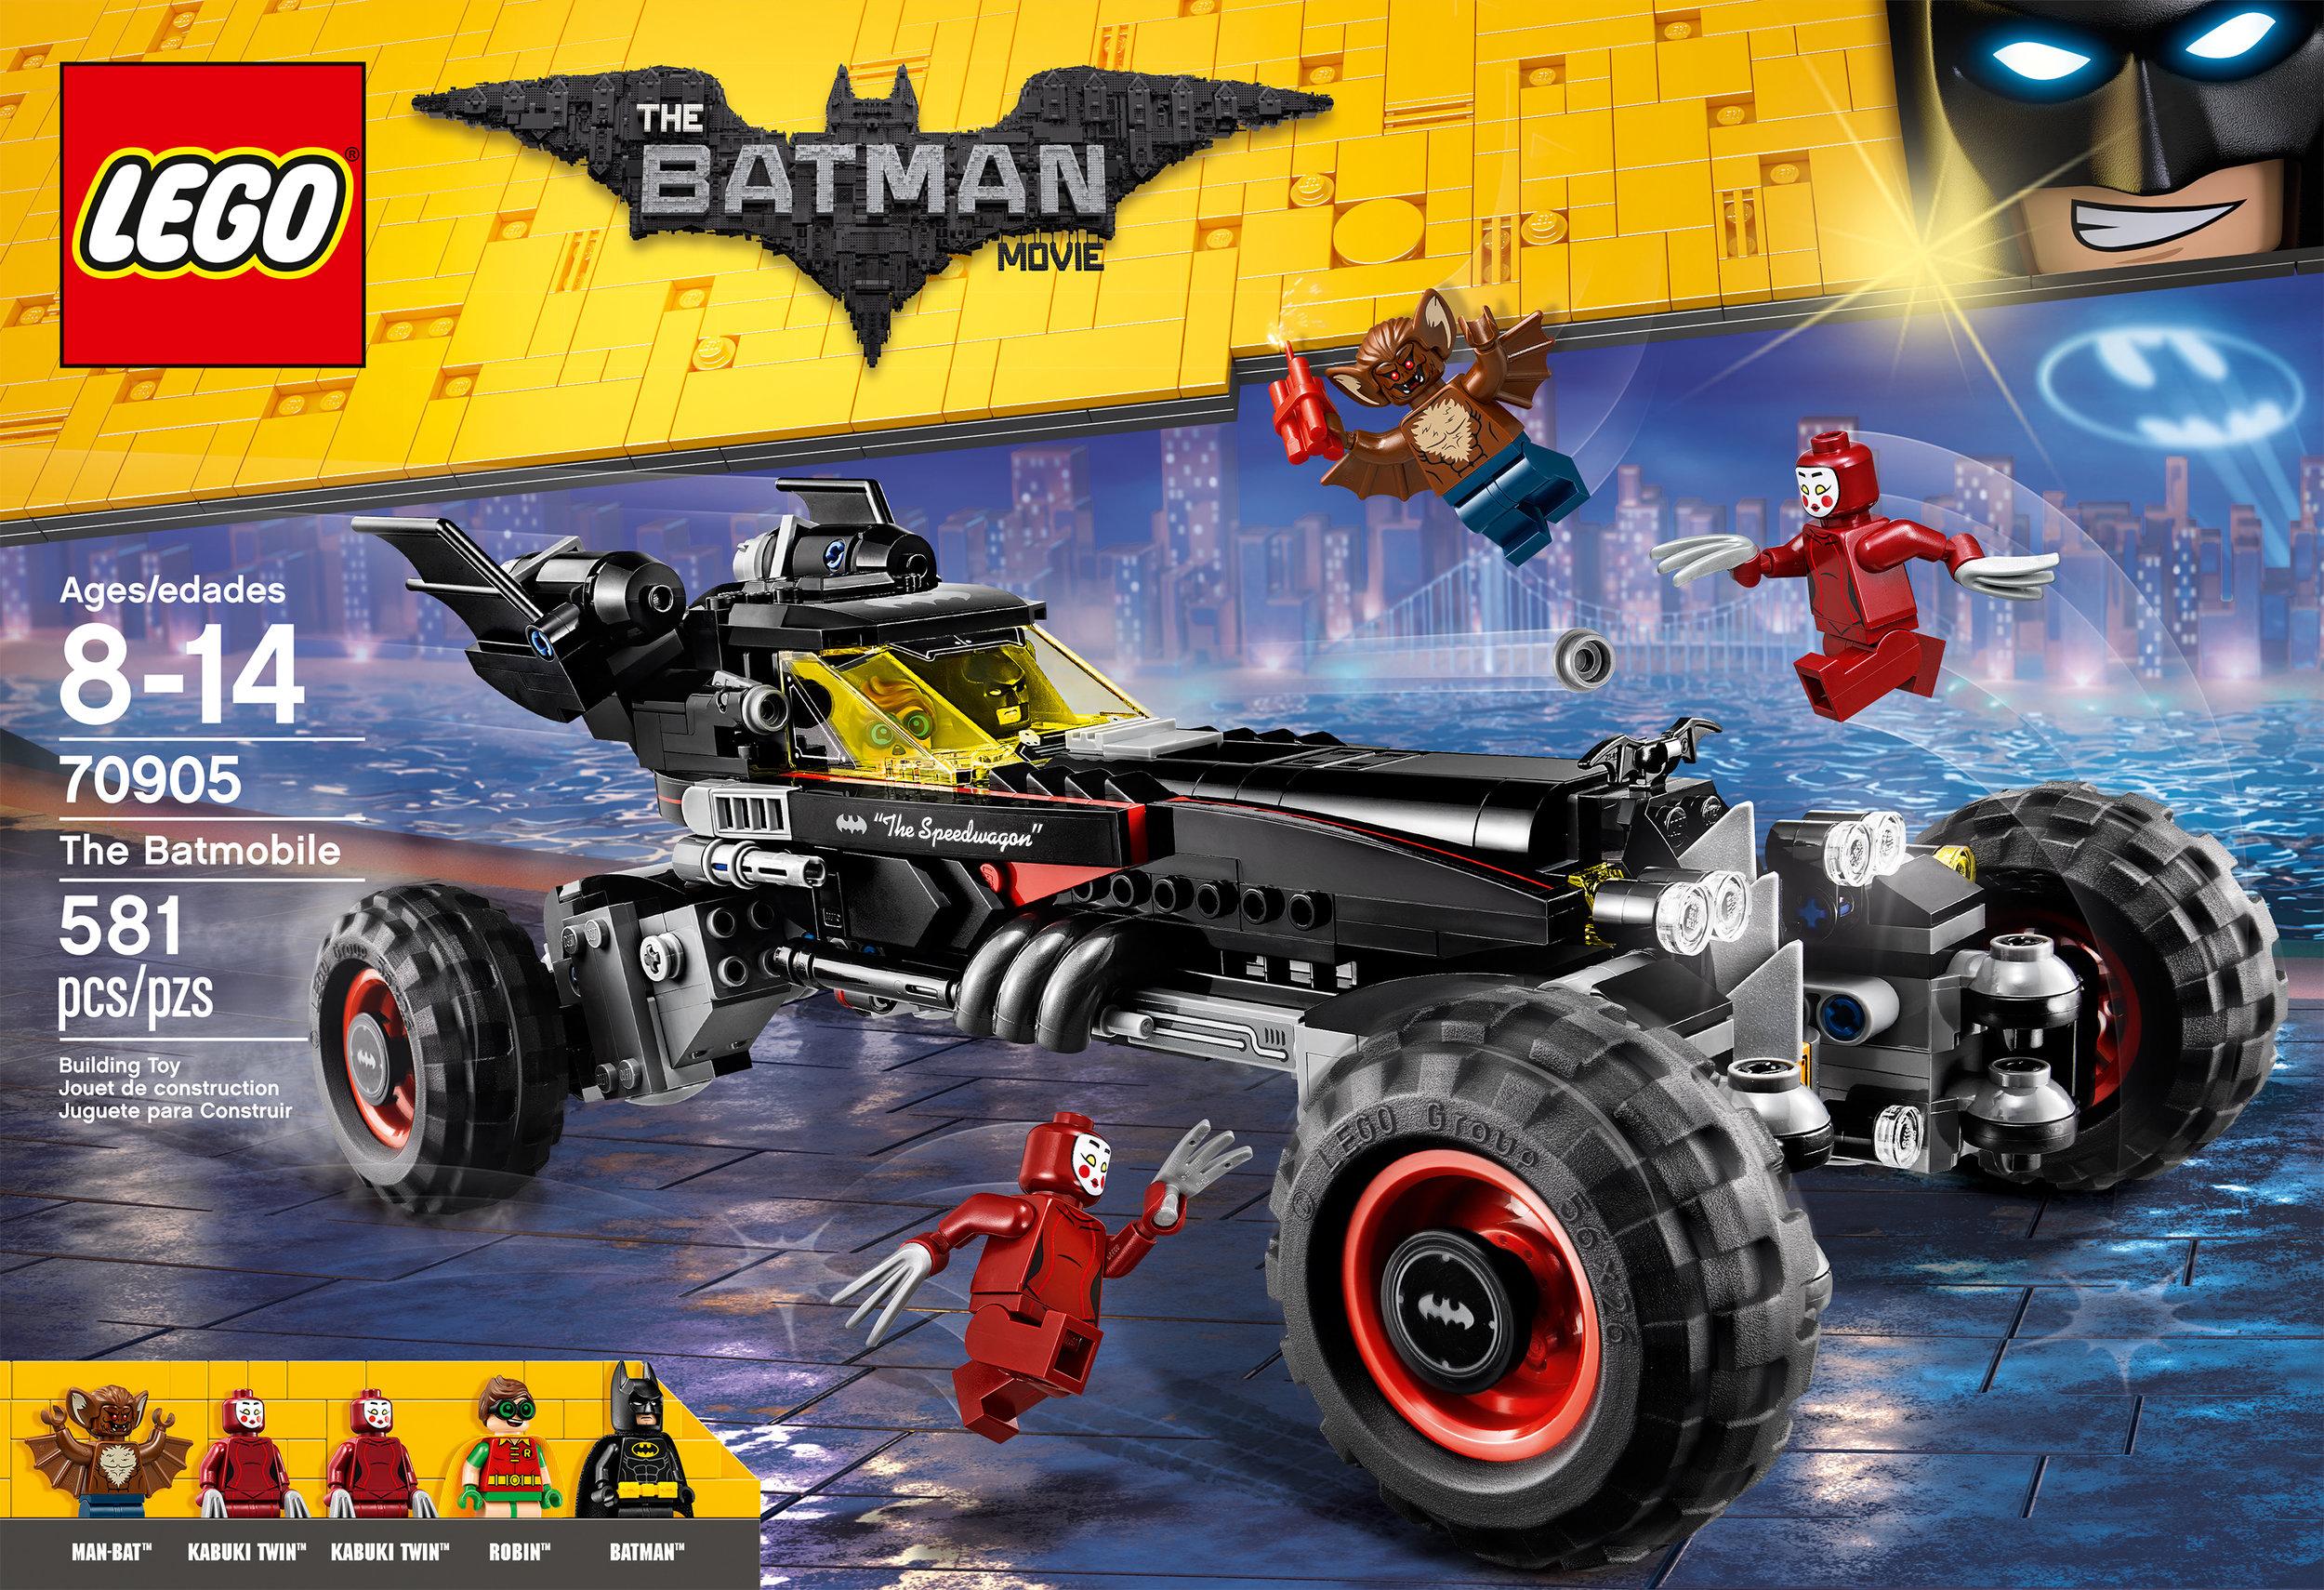 batmobile_front.jpg